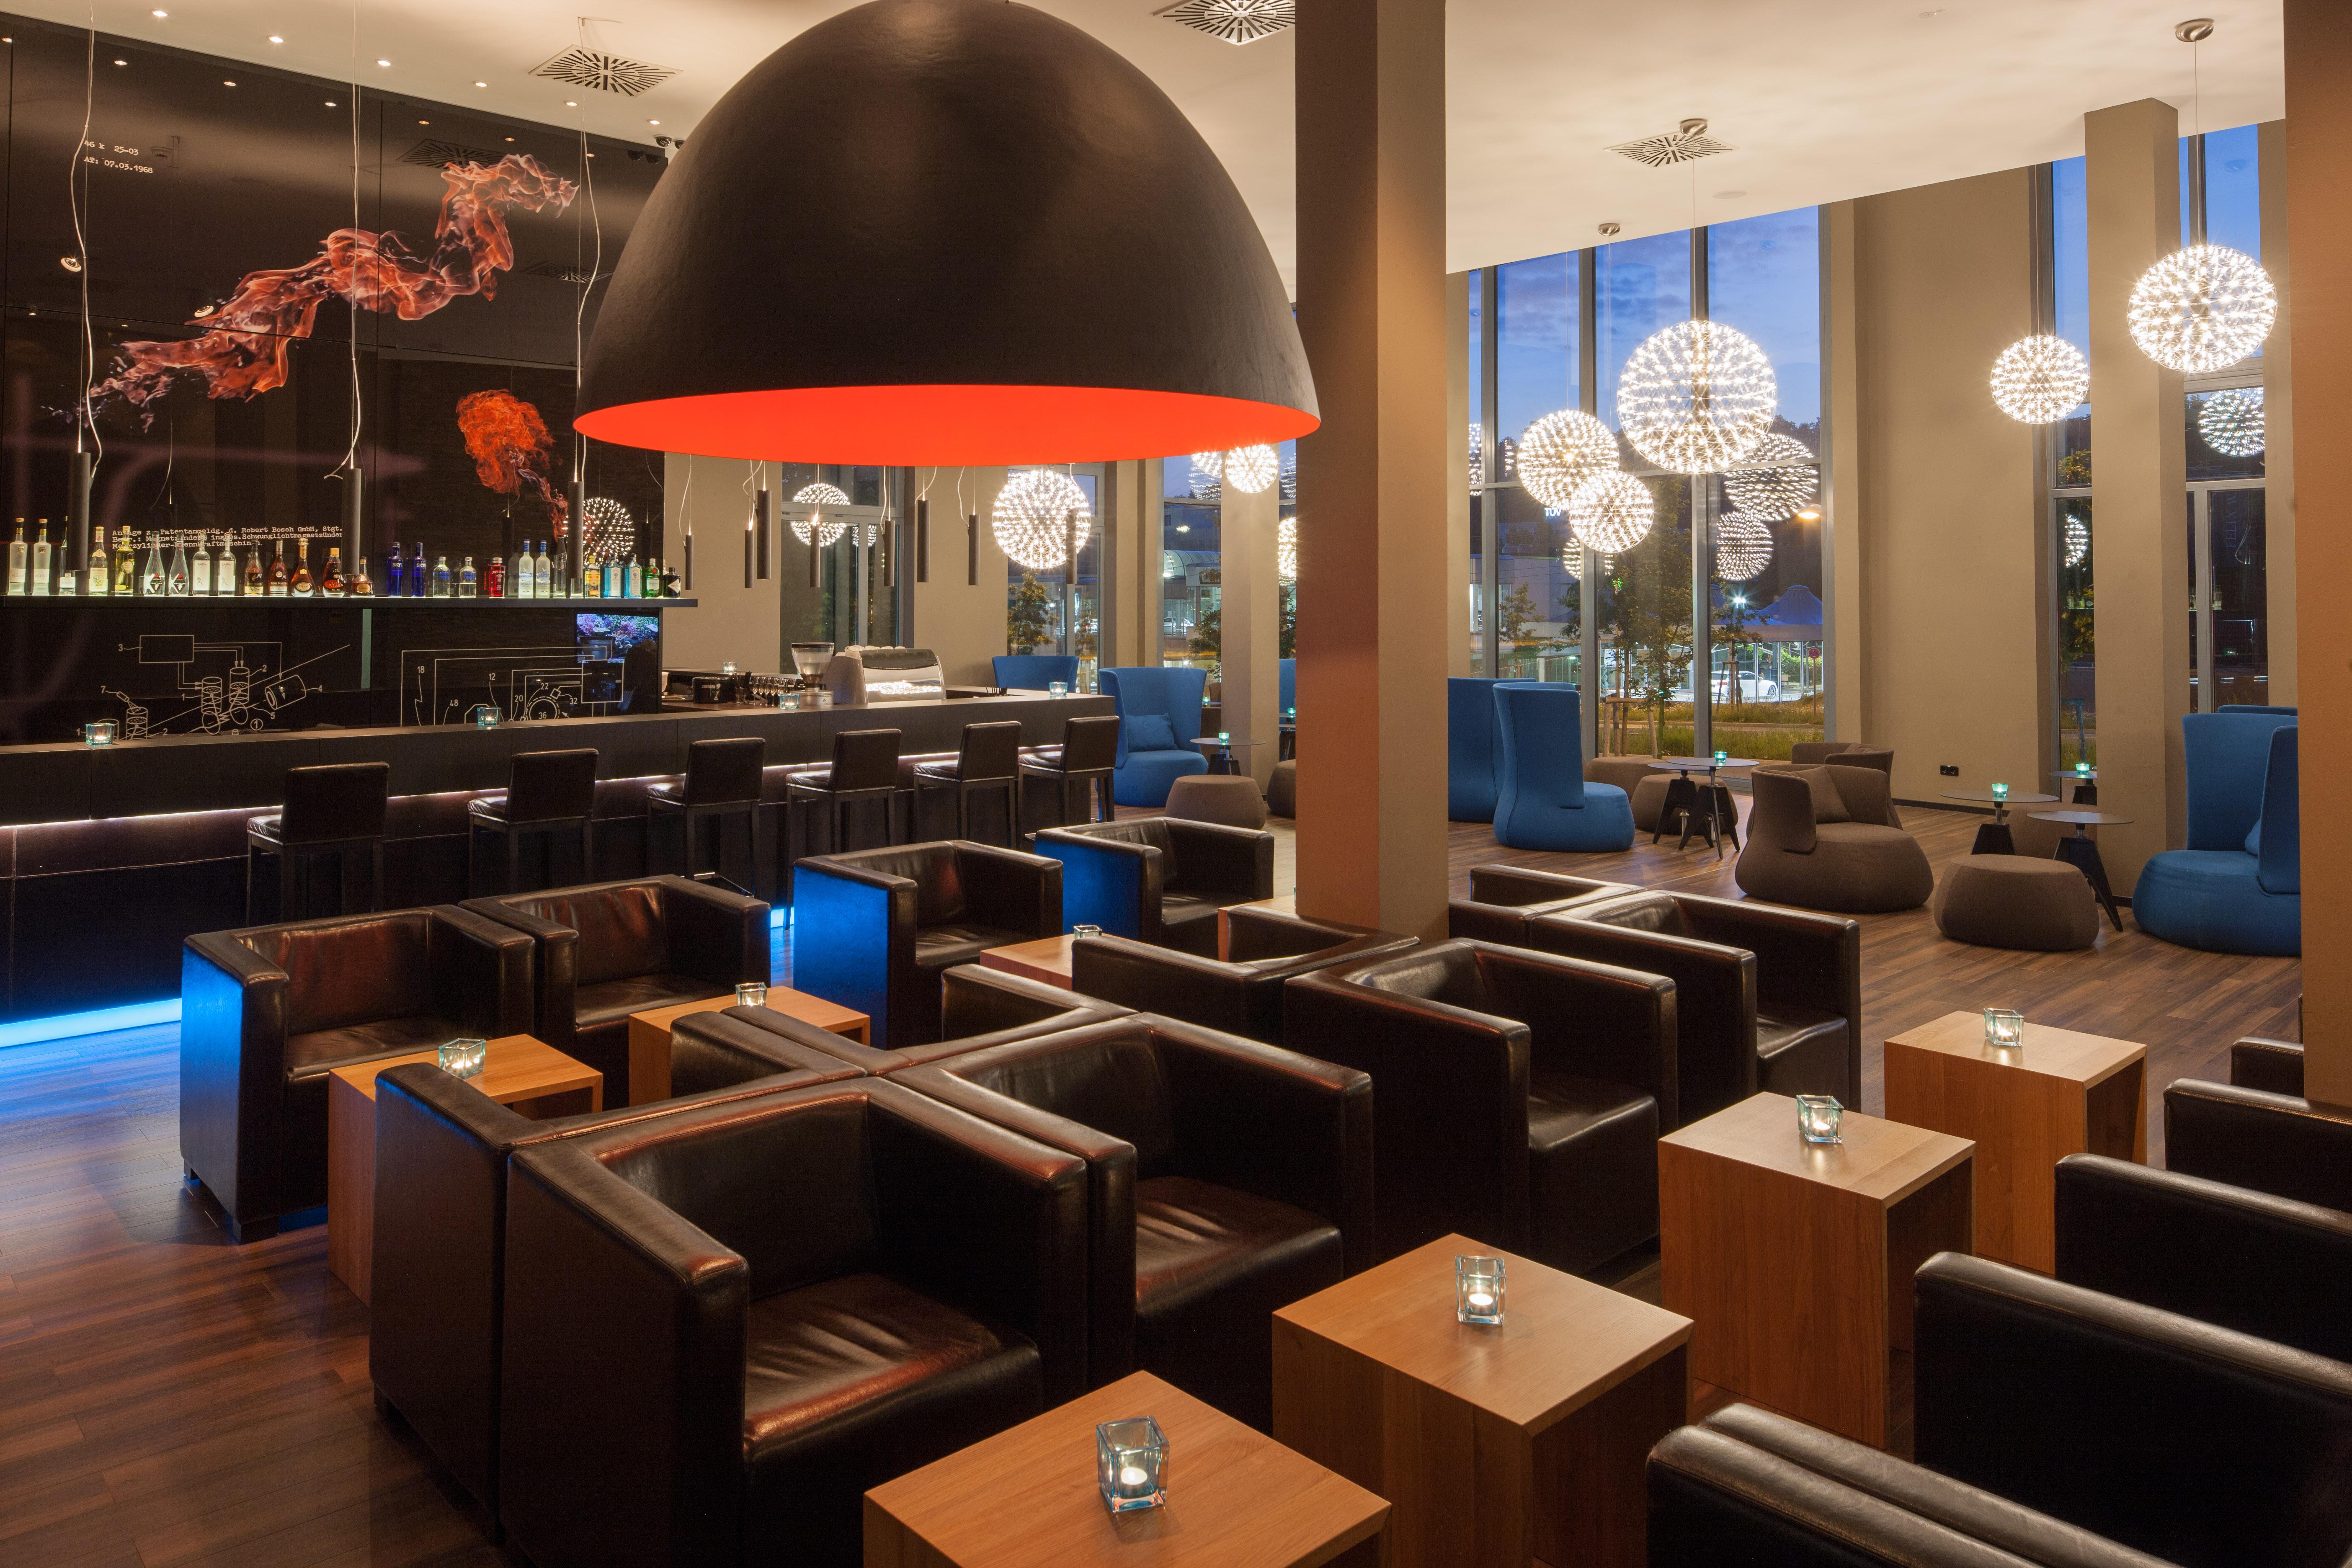 Hotels Stuttgart Motel One Gunstiges Design Hotel Stuttgart